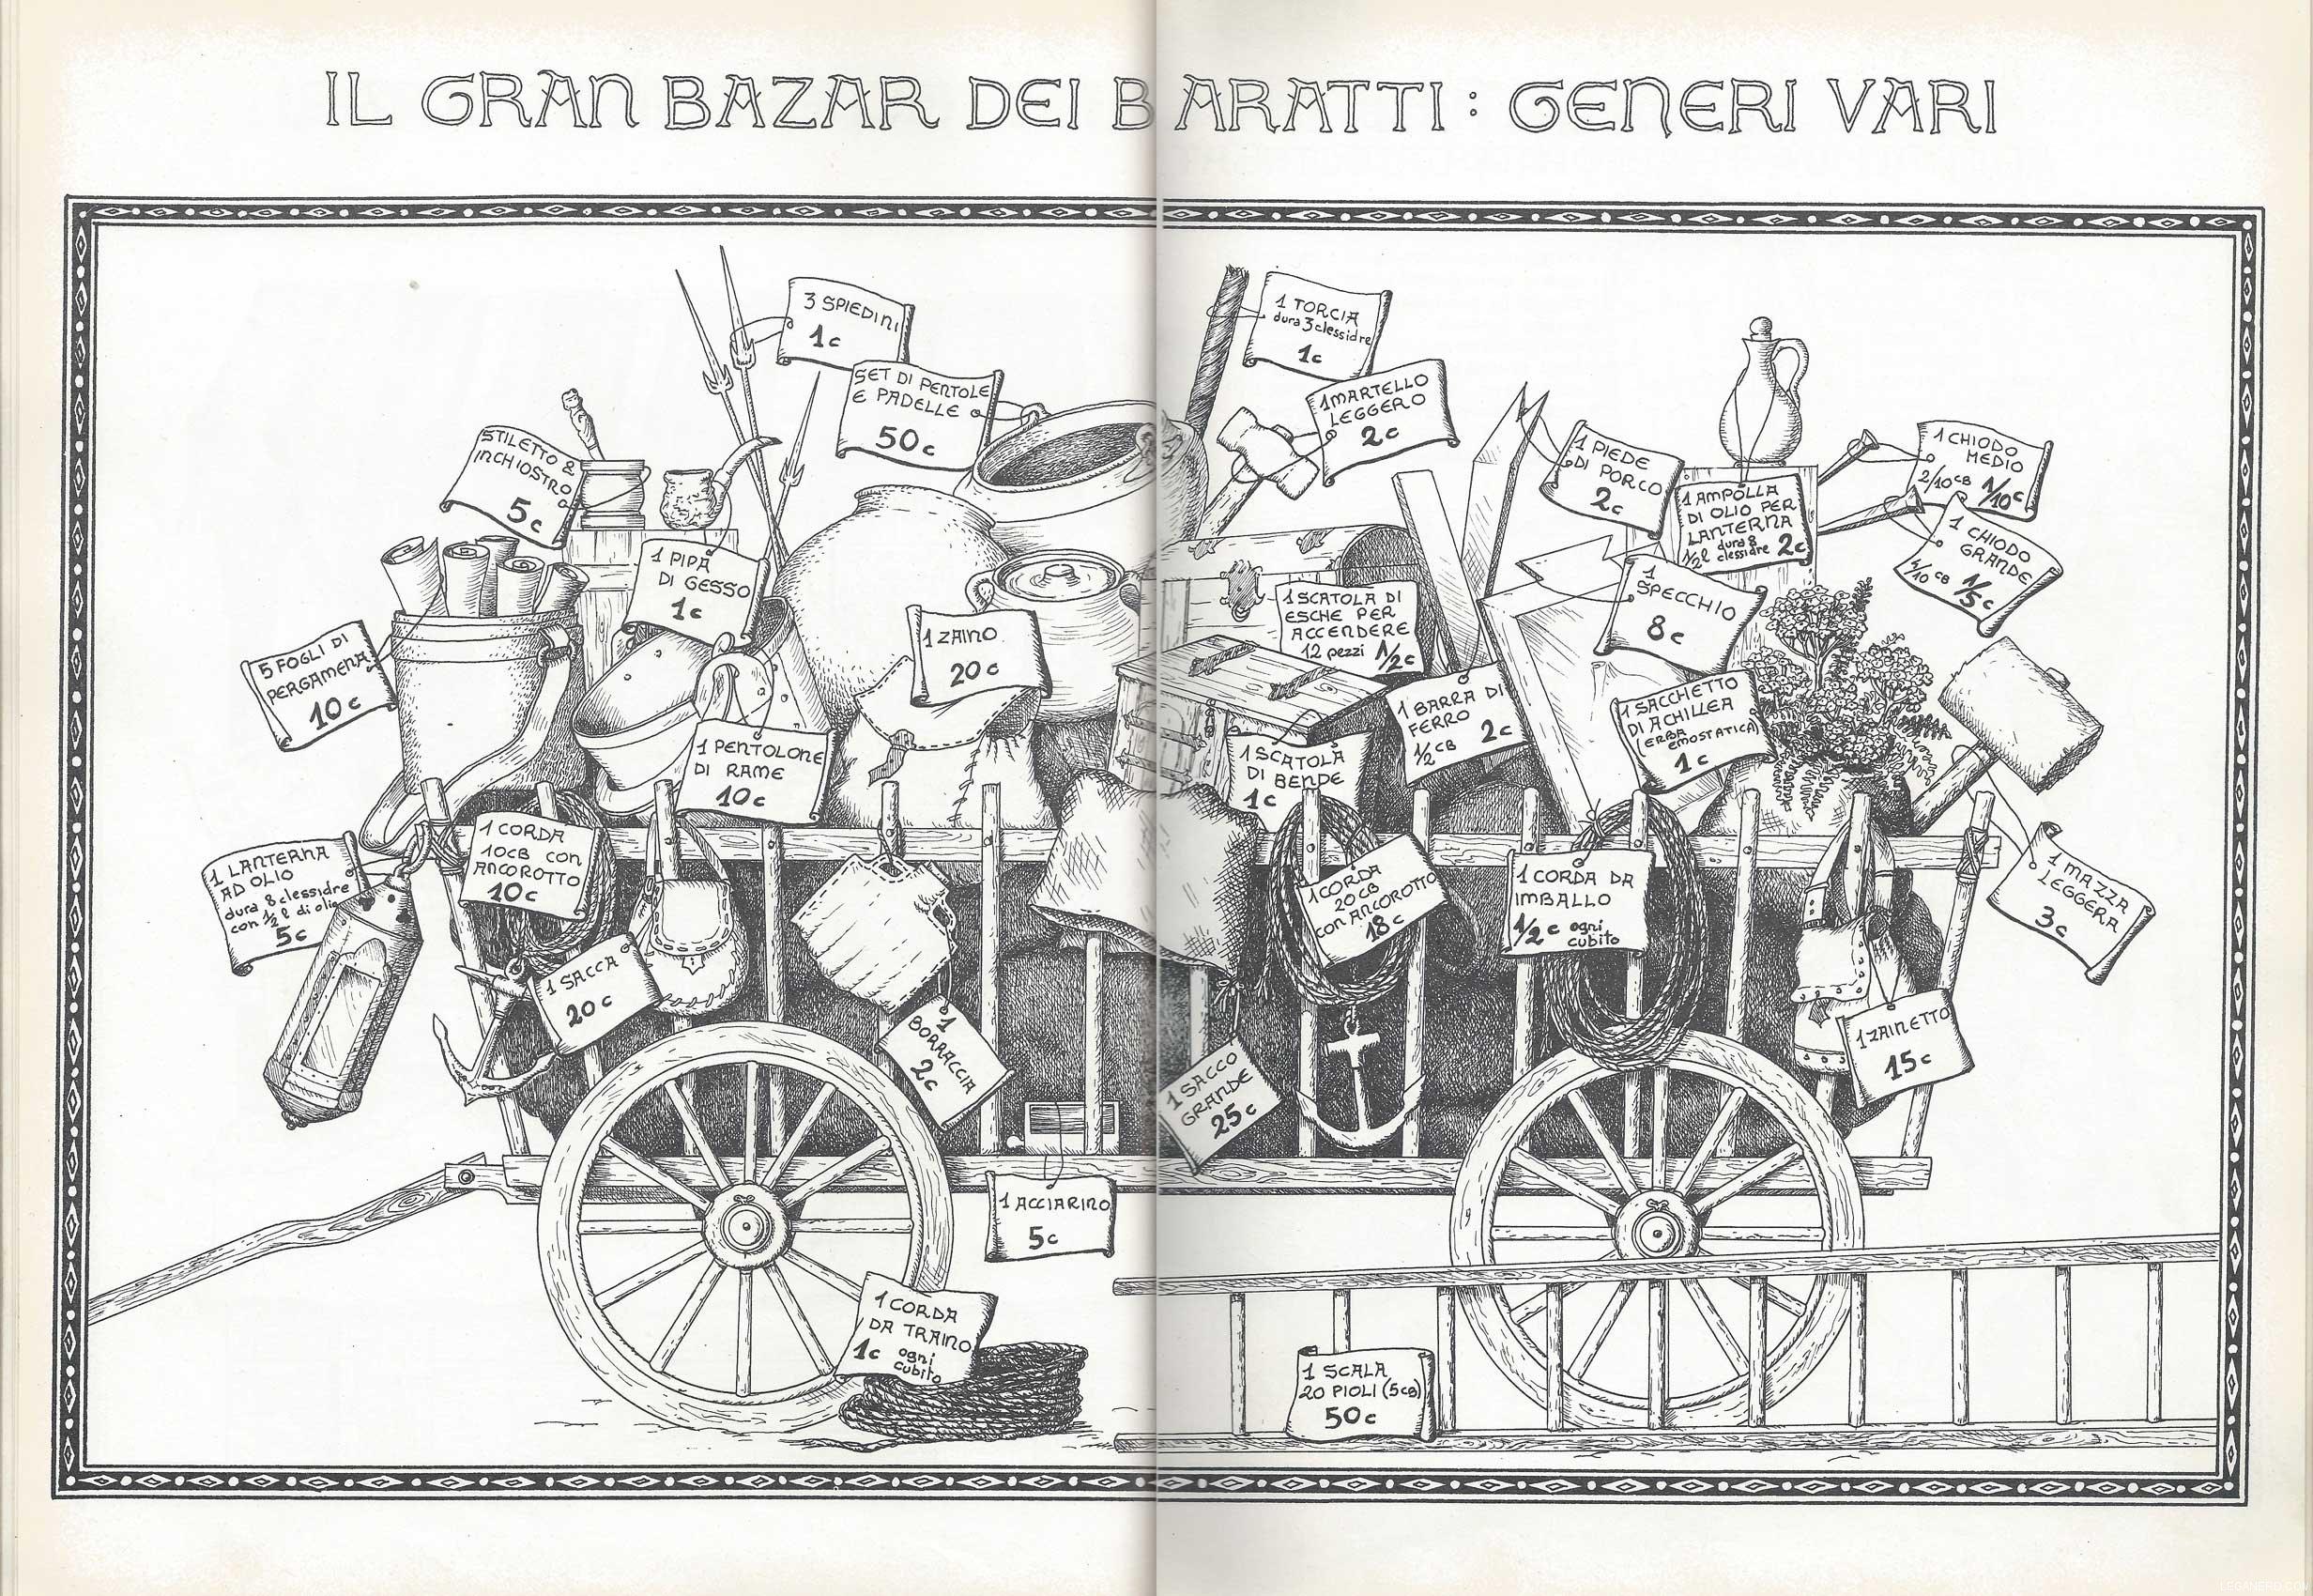 gbdb-generi-vari